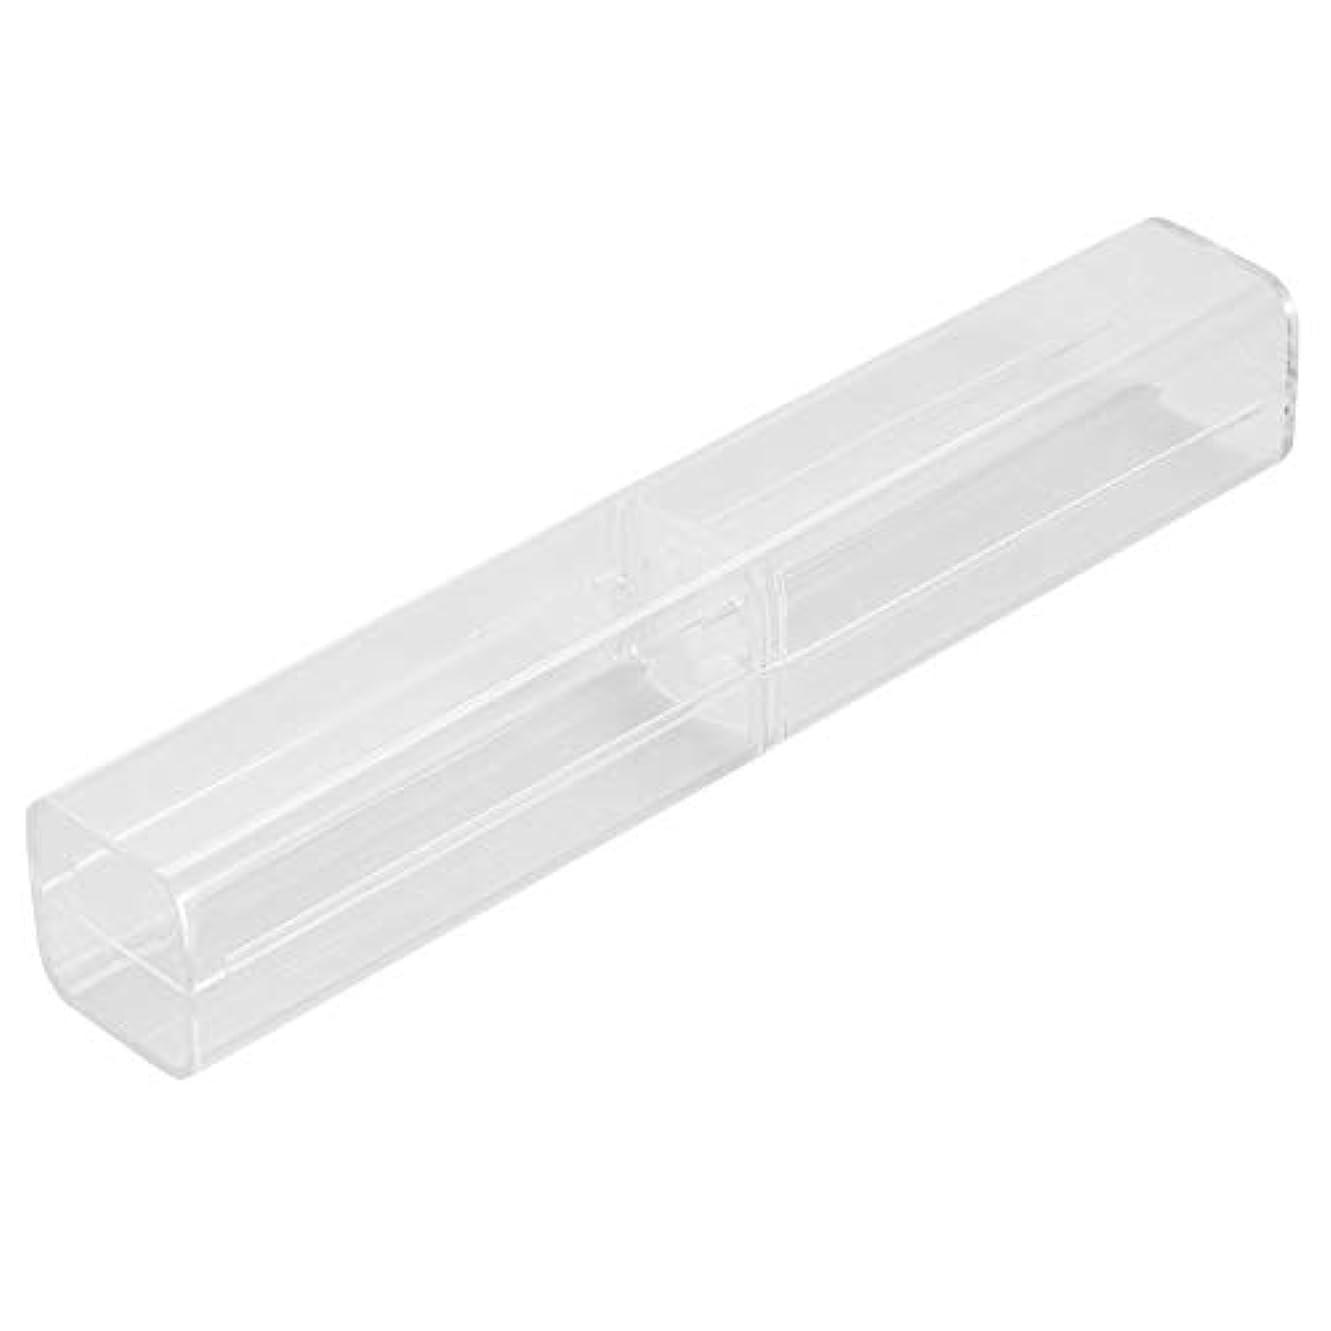 センサーやめる配る1ピース収納ボックス - 手動ペン眉毛タトゥークリアケース透明収納ボックス、収納ボックス - タトゥーコンテナ